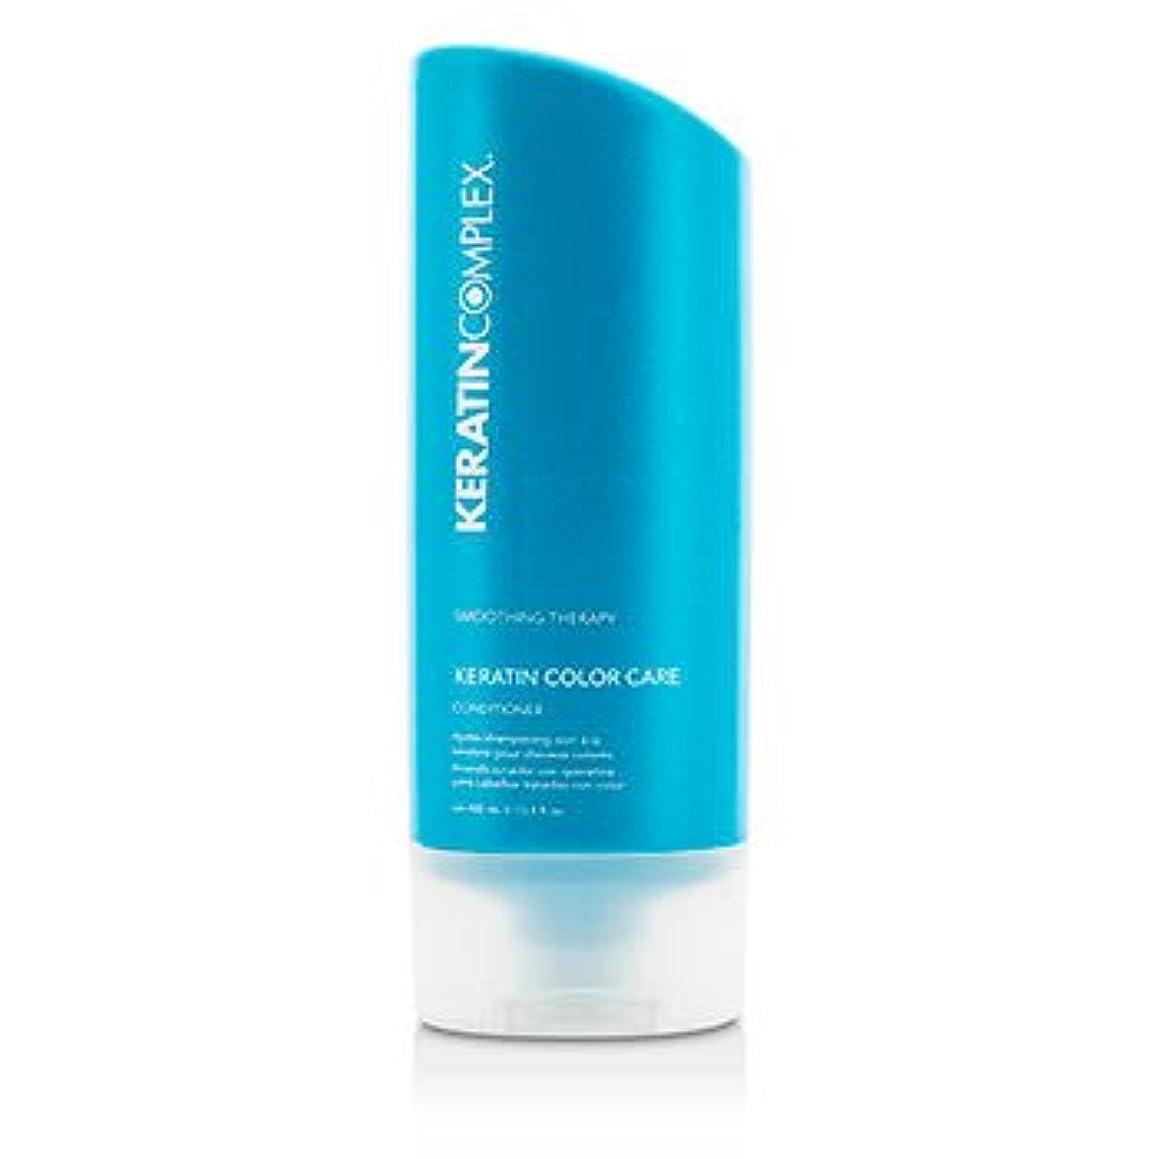 混沌ドナーステレオ[Keratin Complex] Smoothing Therapy Keratin Color Care Conditioner (For All Hair Types) 400ml/13.5oz